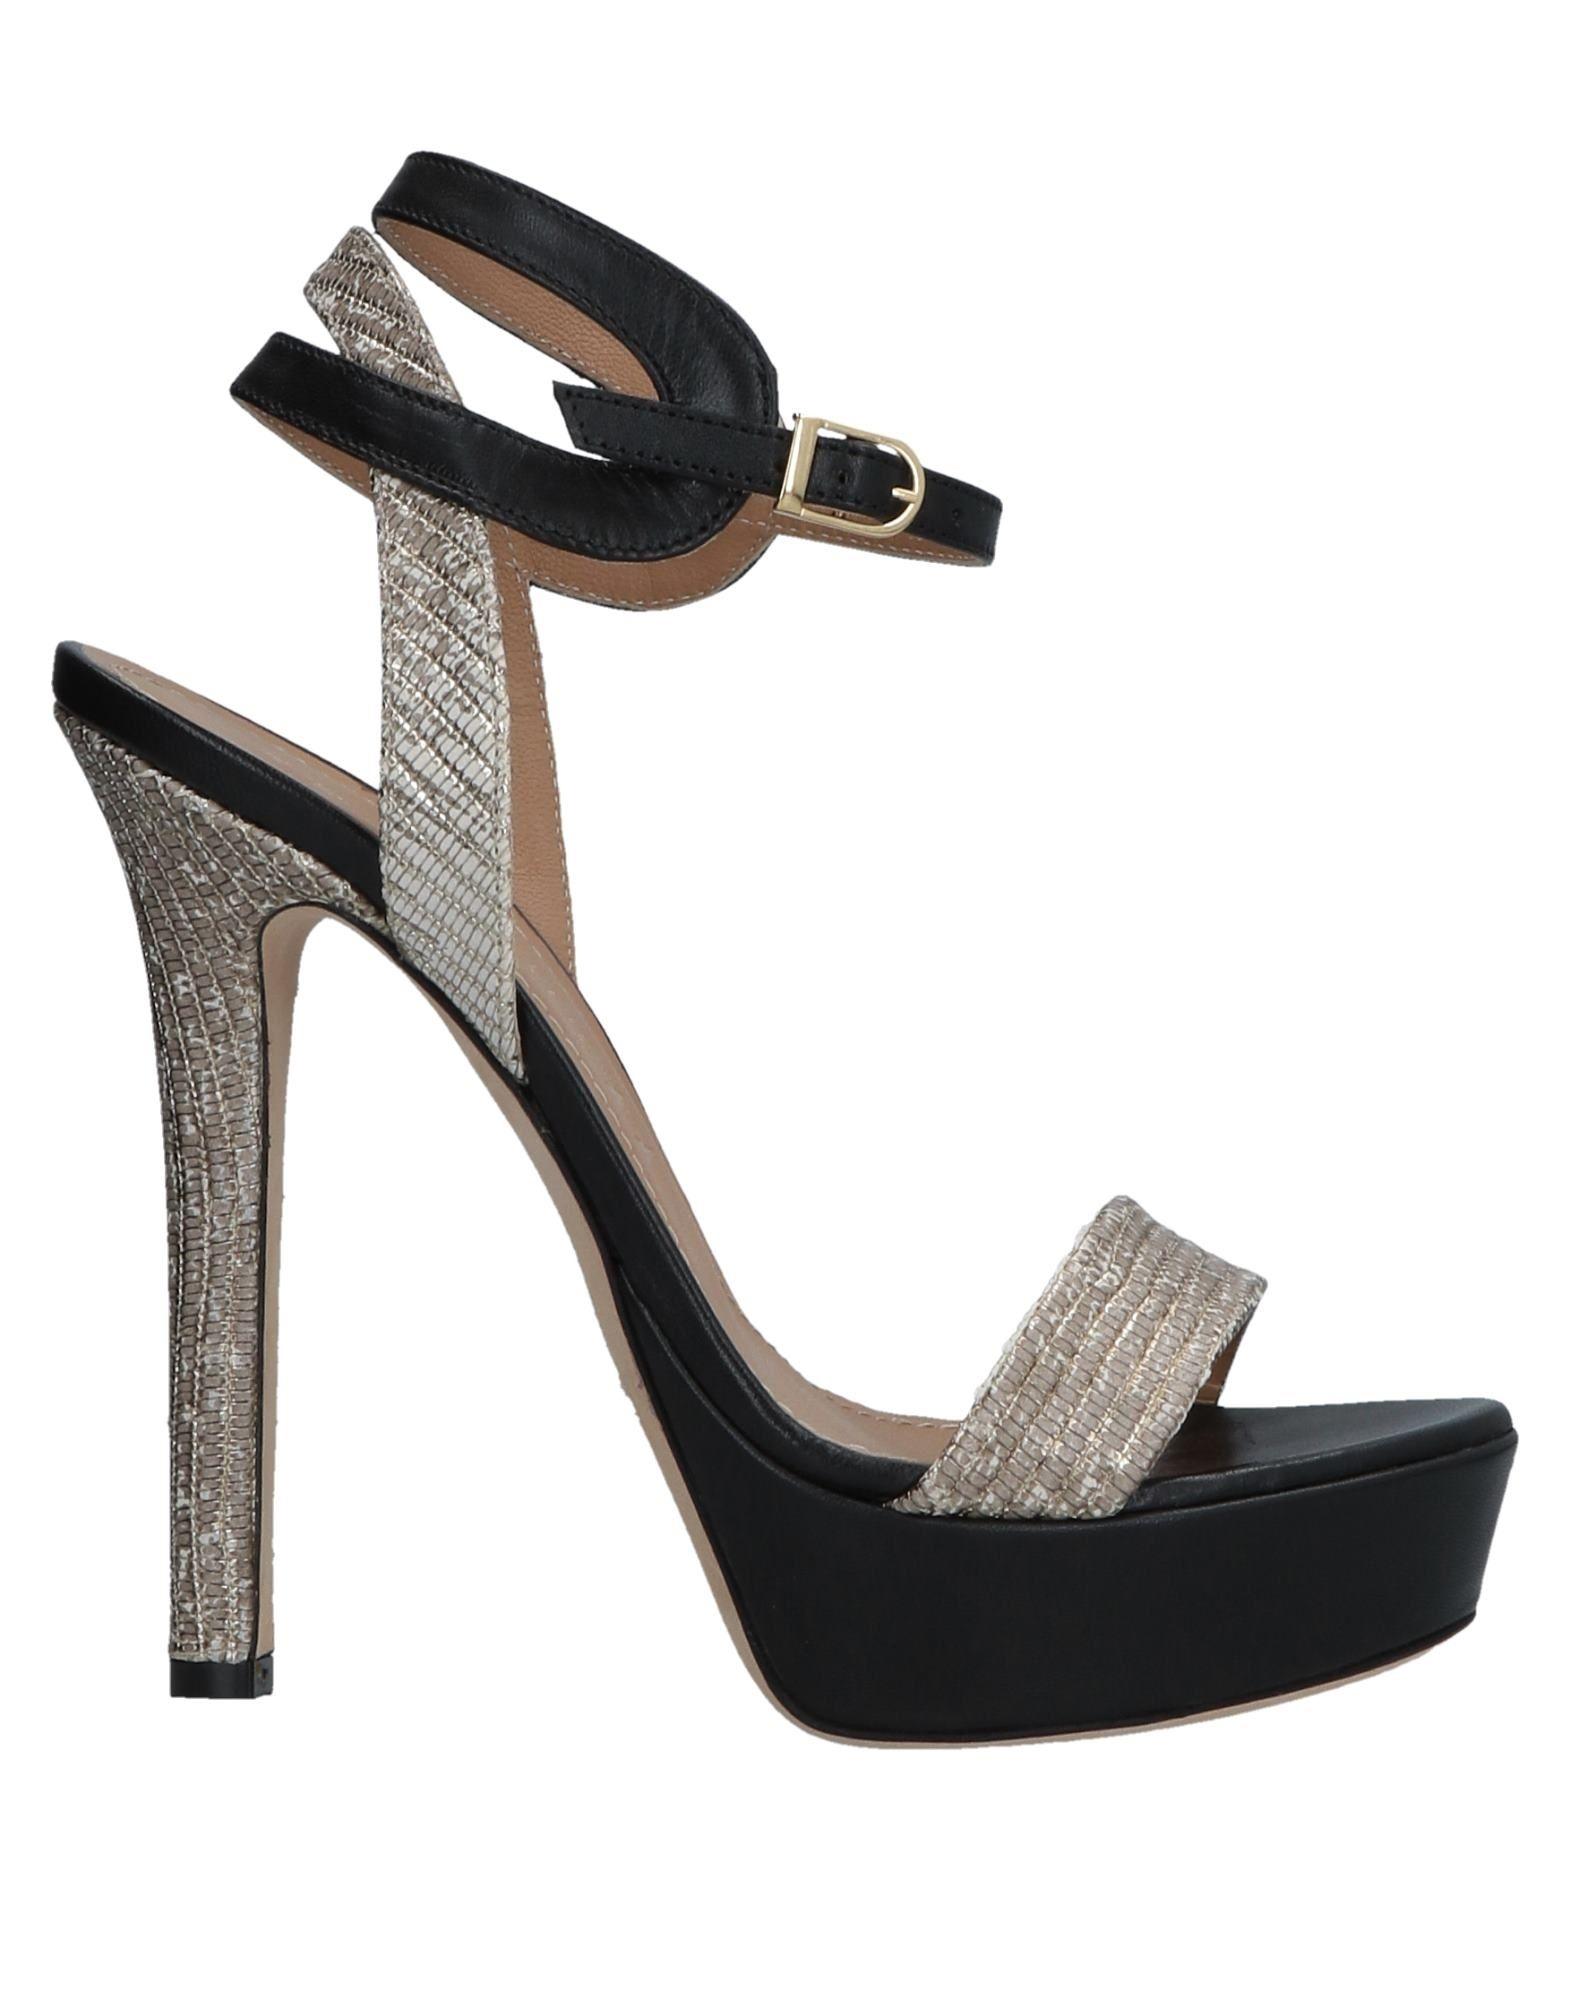 marc ellis sandales - femmes marc sandales ellis sandales marc en ligne le royaume - uni - 11570787xk ba373b